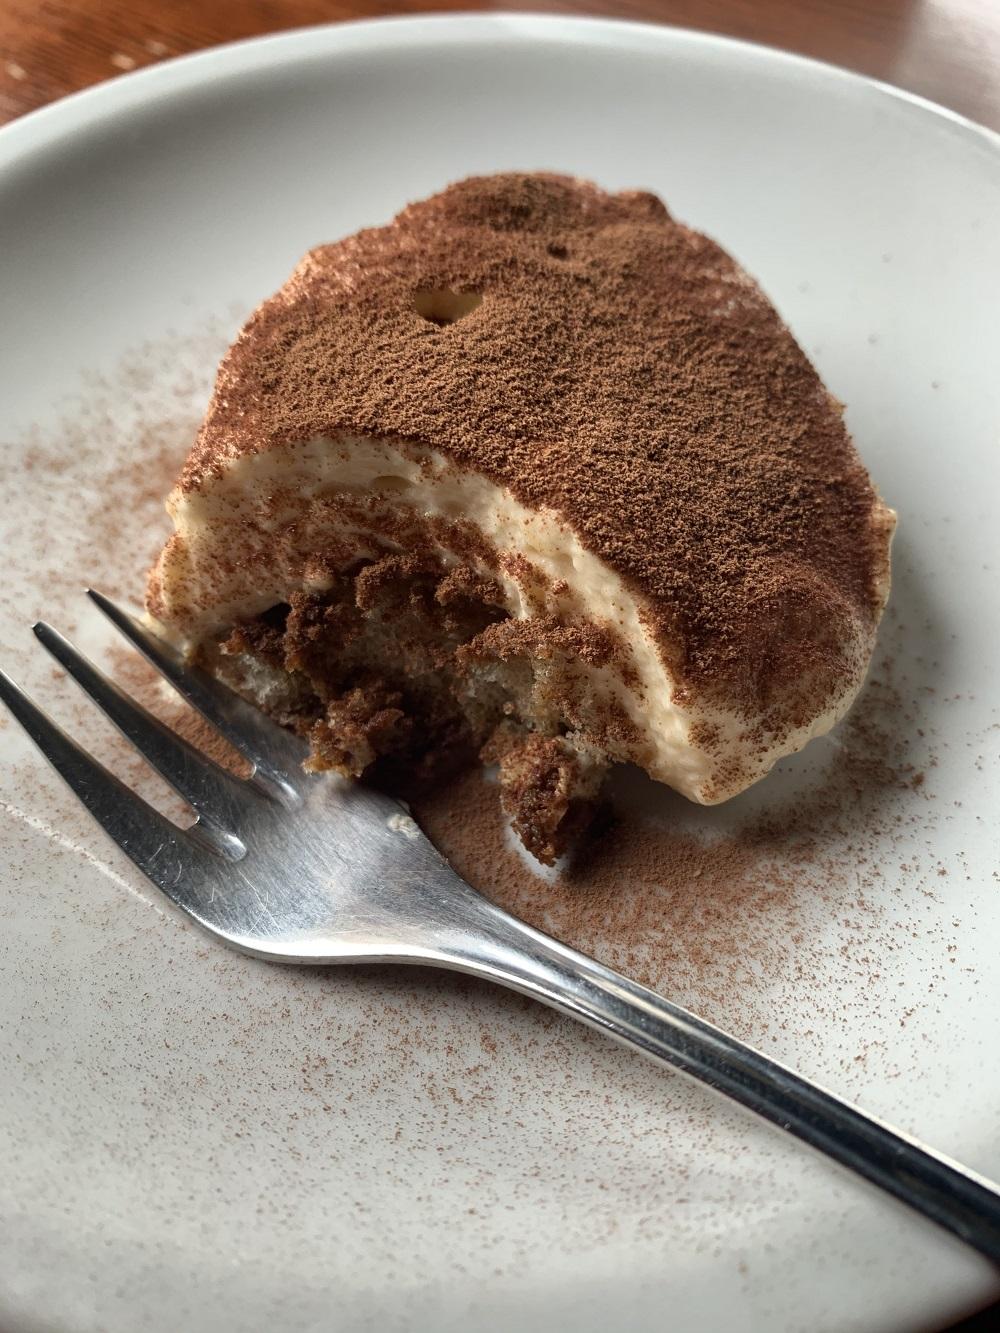 Dessertの写真